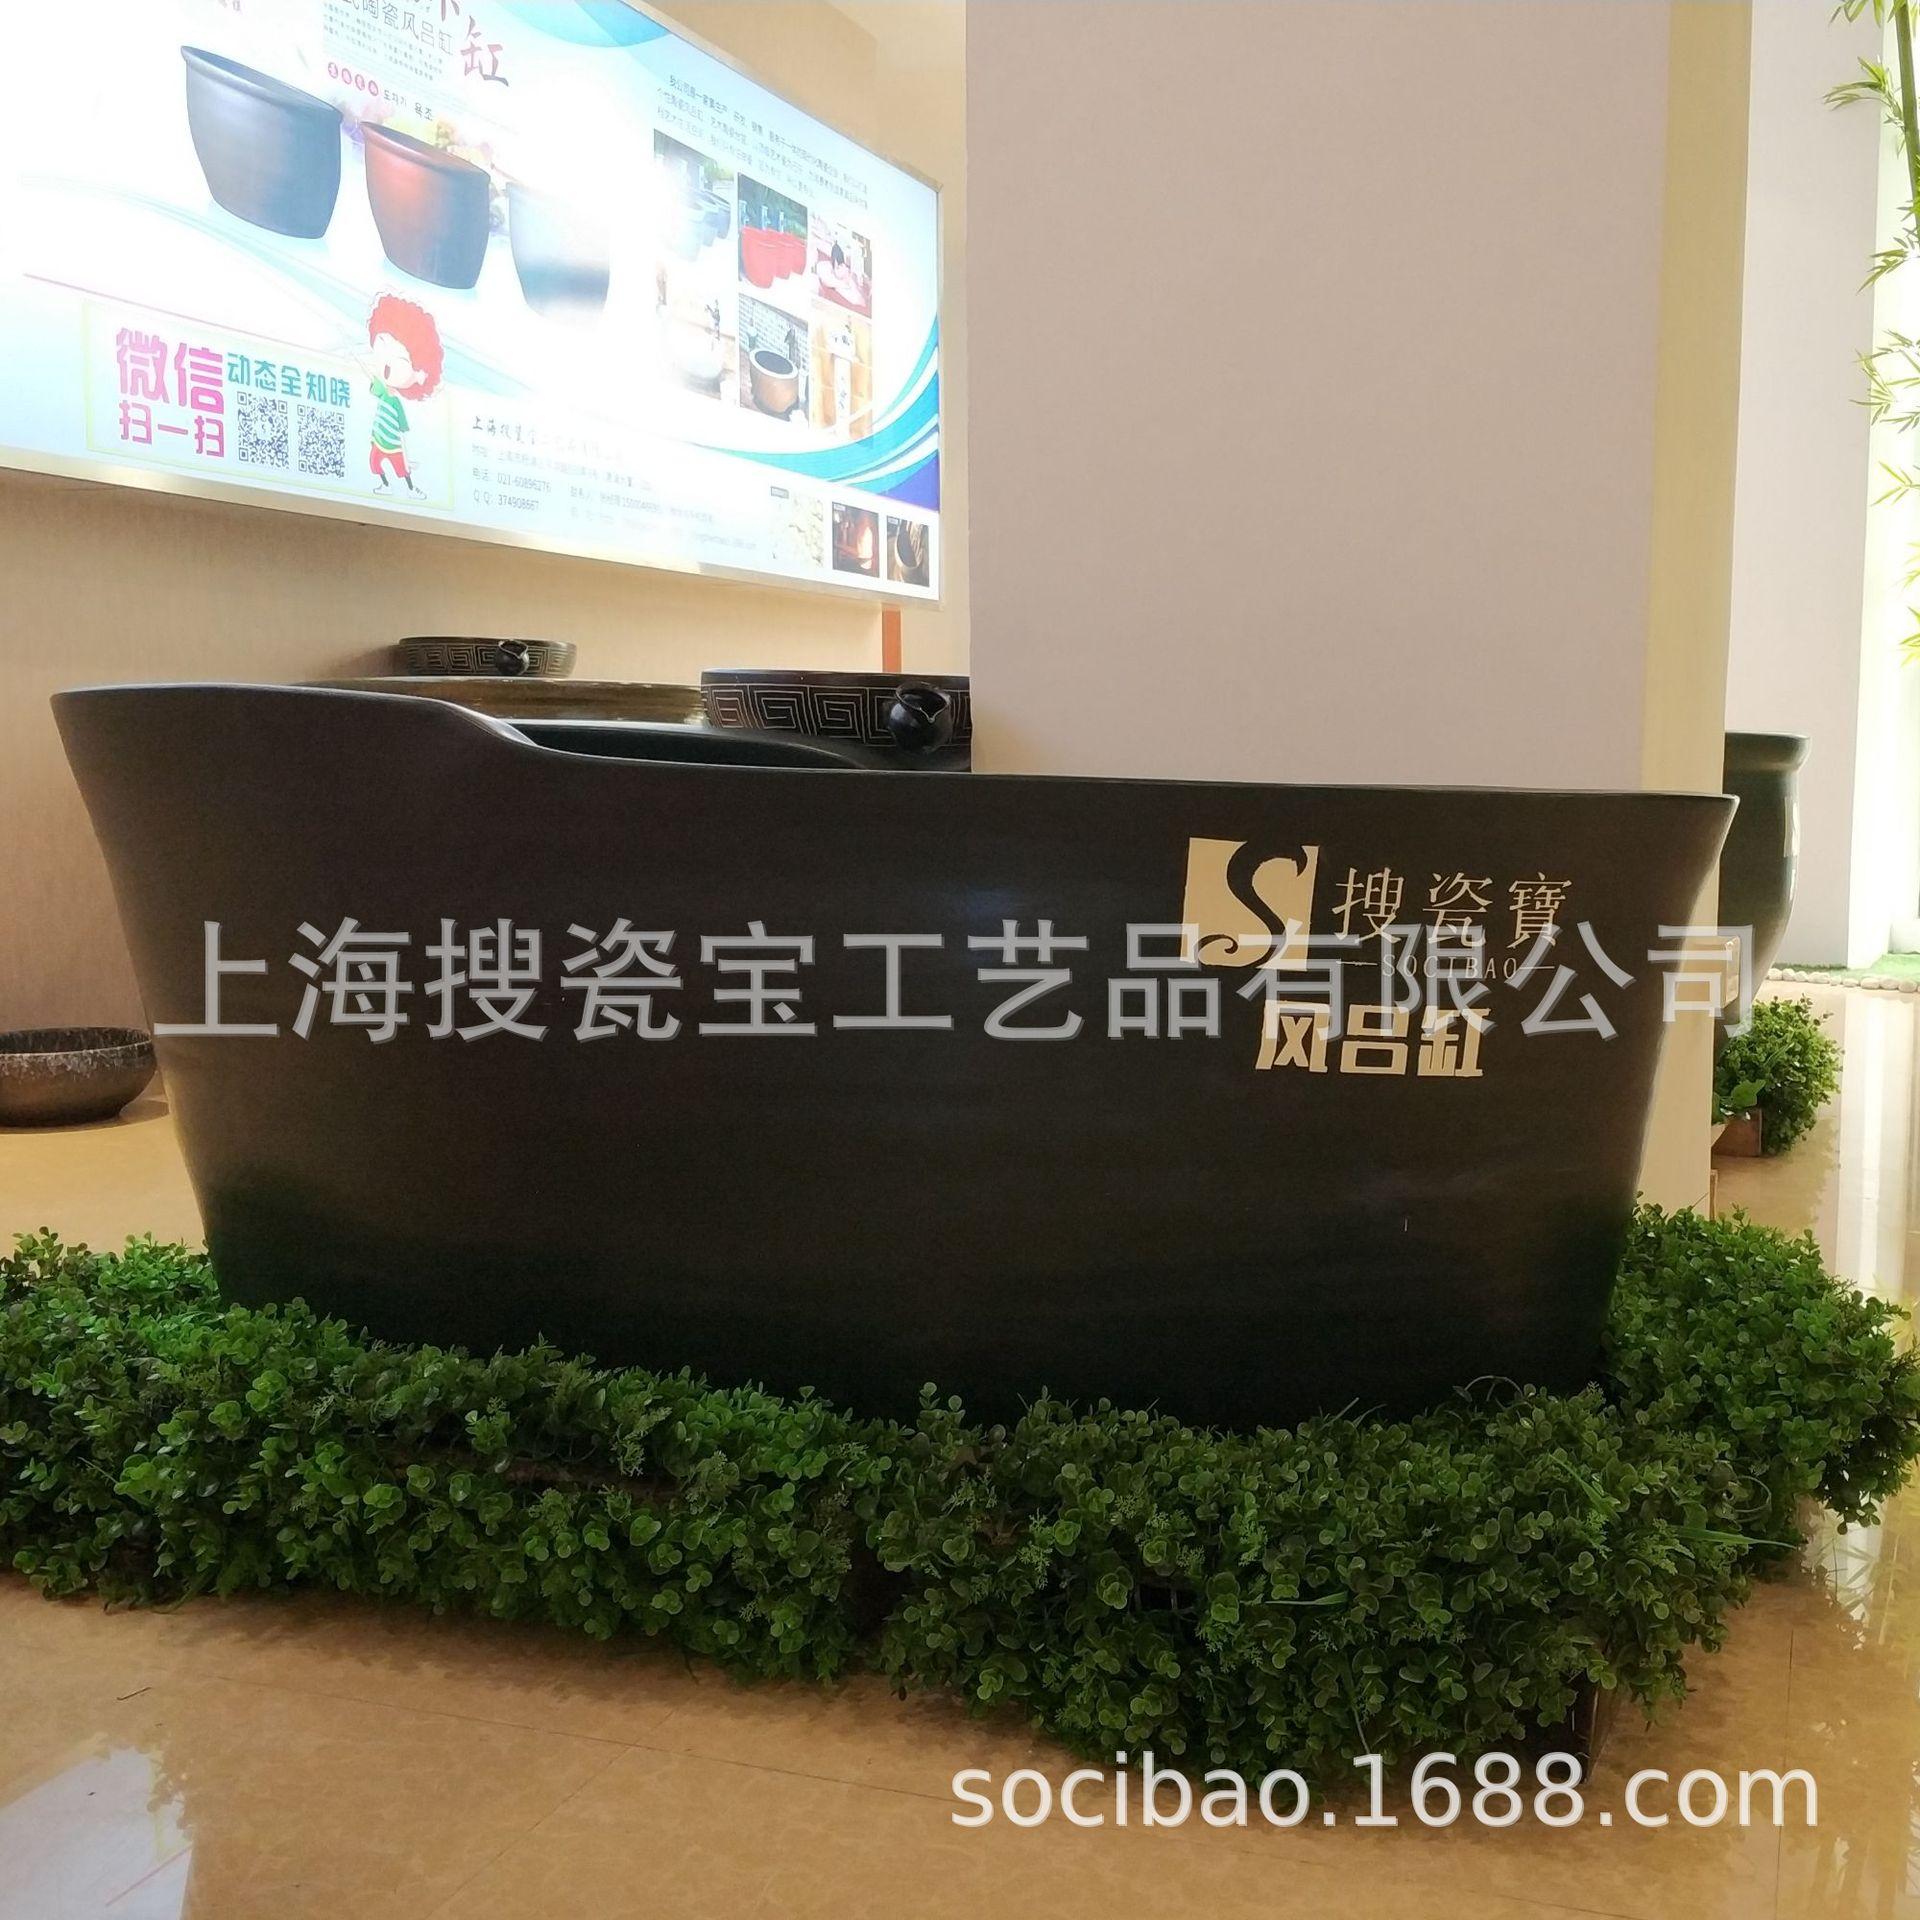 特质手工新式陶瓷大浴缸 椭圆形高档浴缸 温泉浴场大浴缸